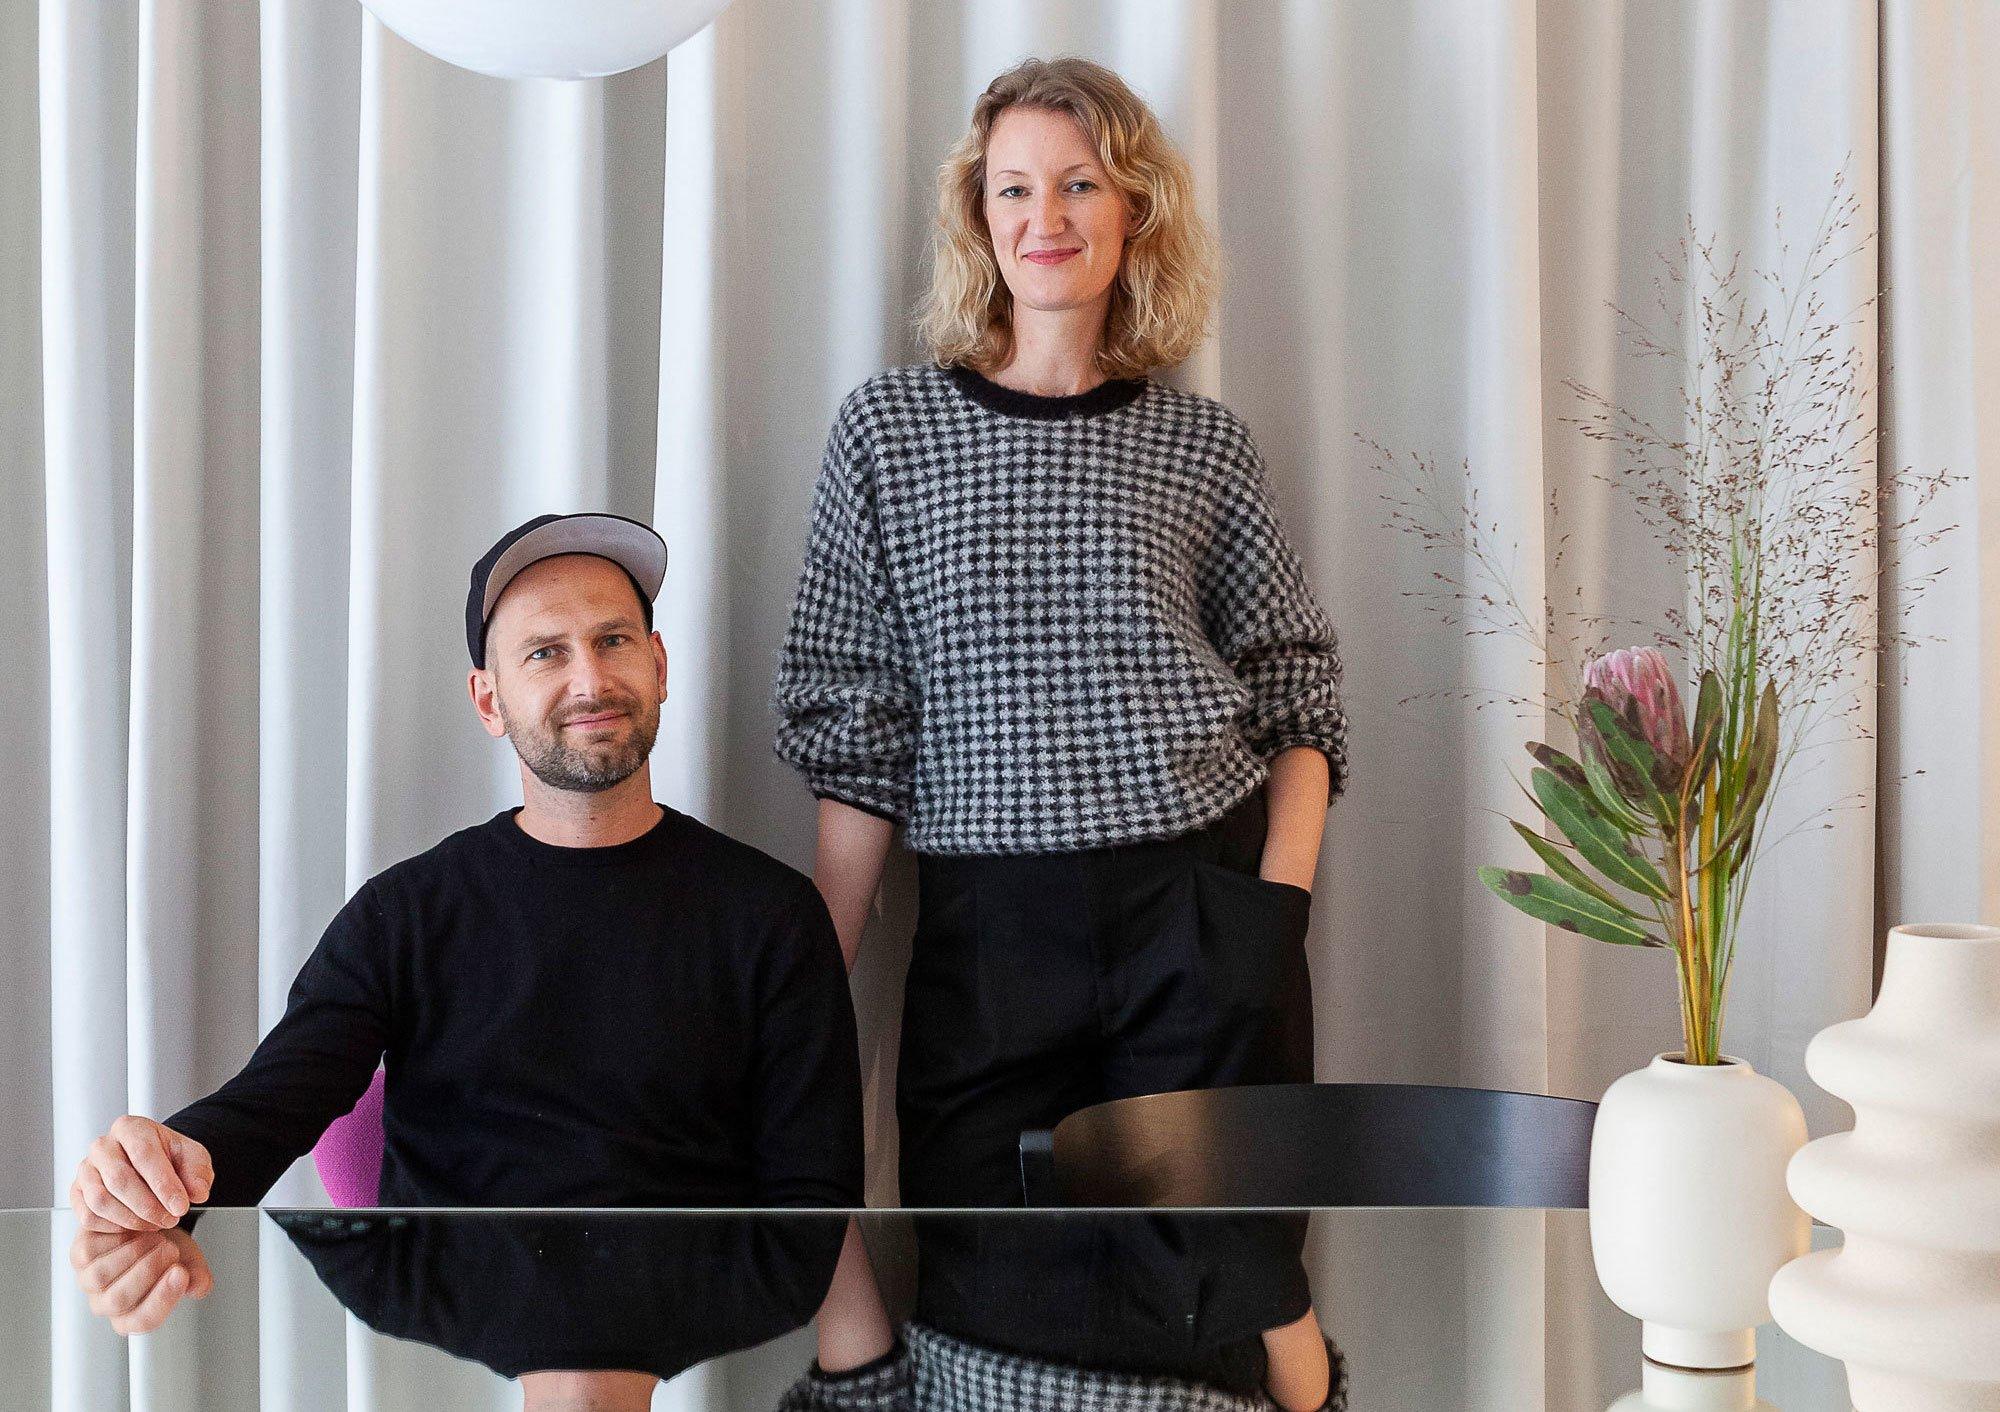 Sina Gwosdzik und Jakob Dannenfeldt kennen sich seit dem Studium und ... Foto/ Copyright: Anne-Catherine Scoffoni